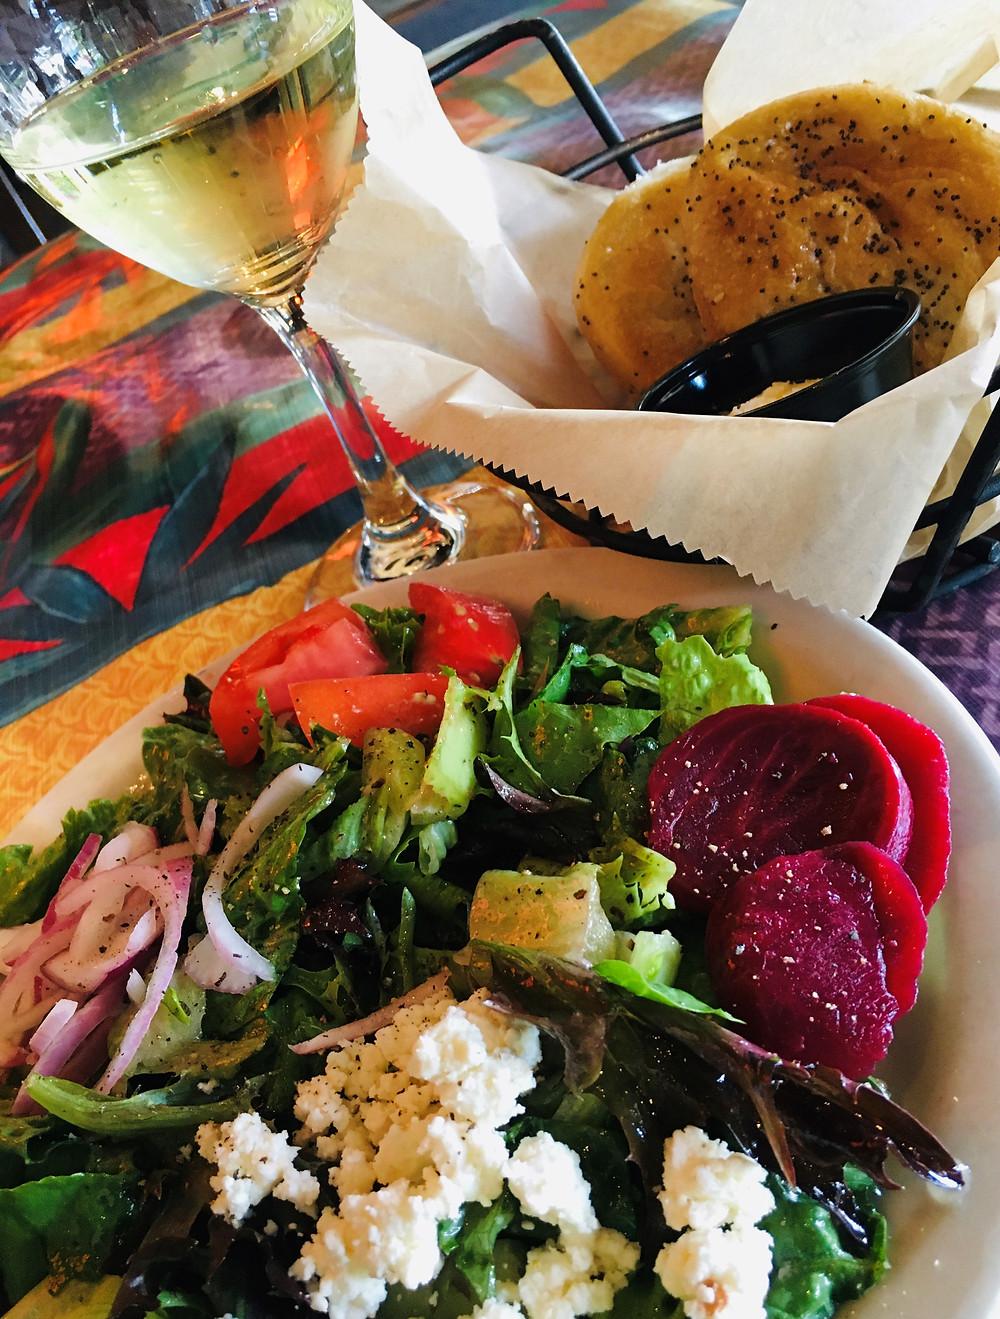 Greek Salad & Poppyseed Rolls at Tidewater